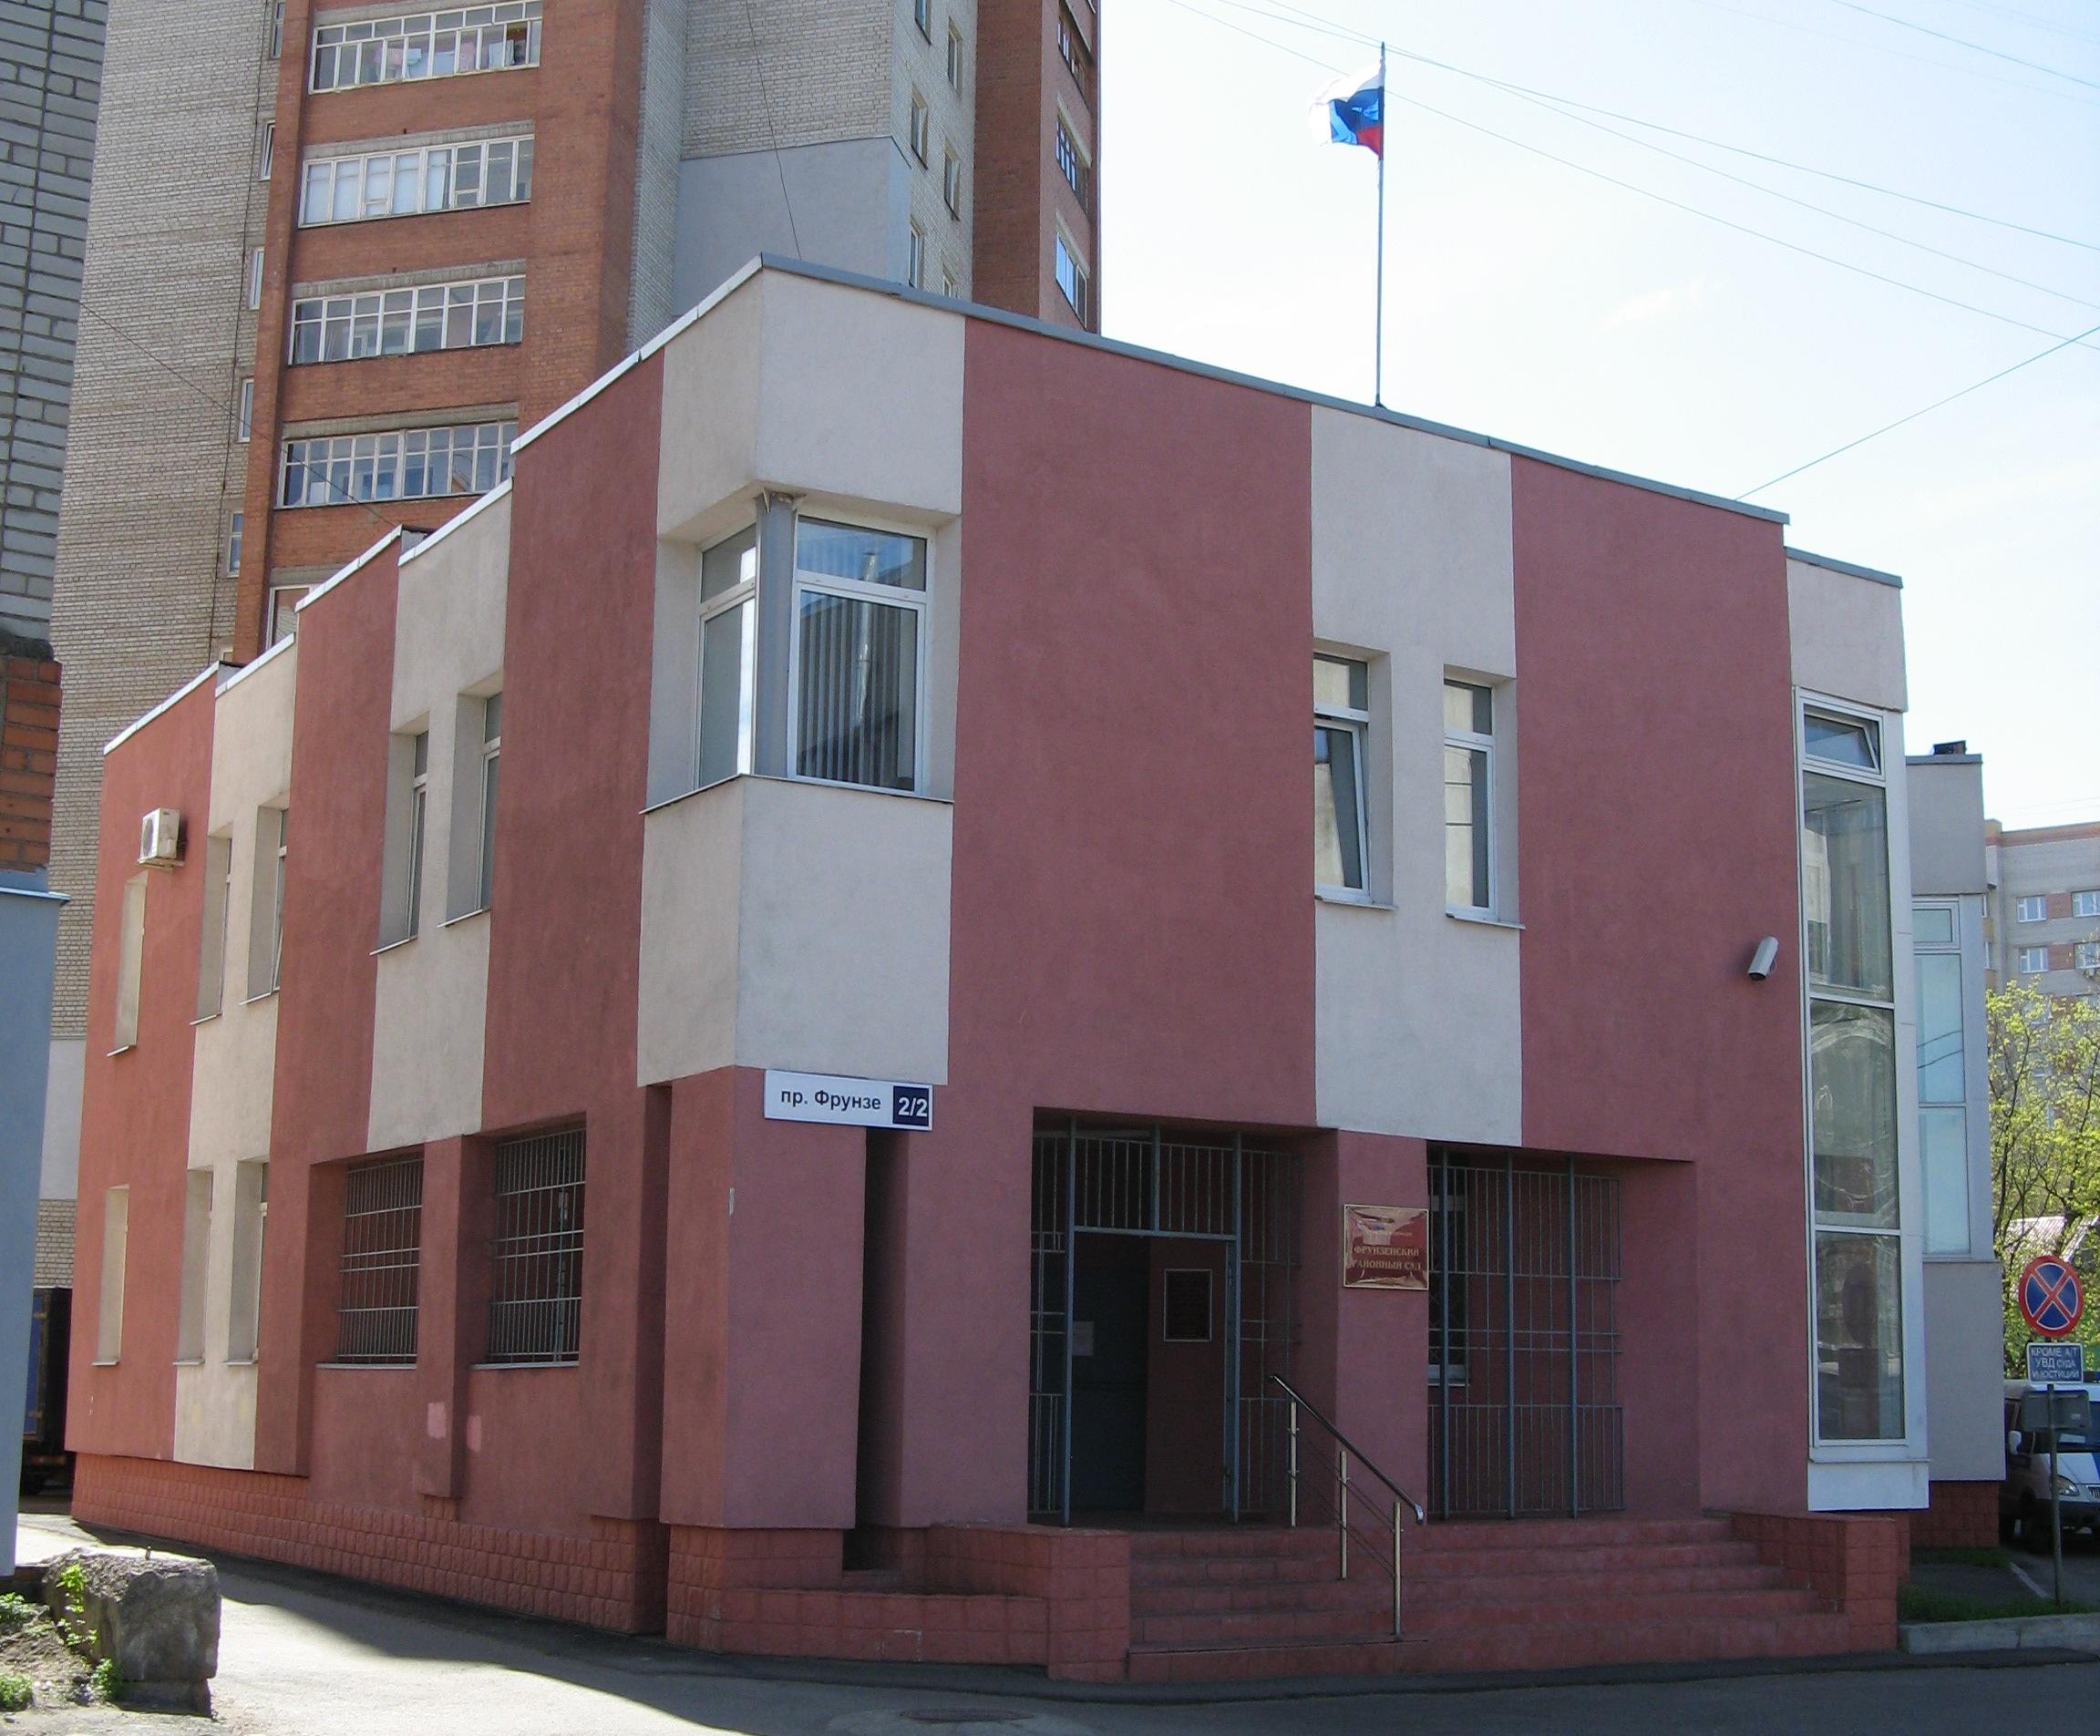 Фрунзенский районный суд г. Ярославля